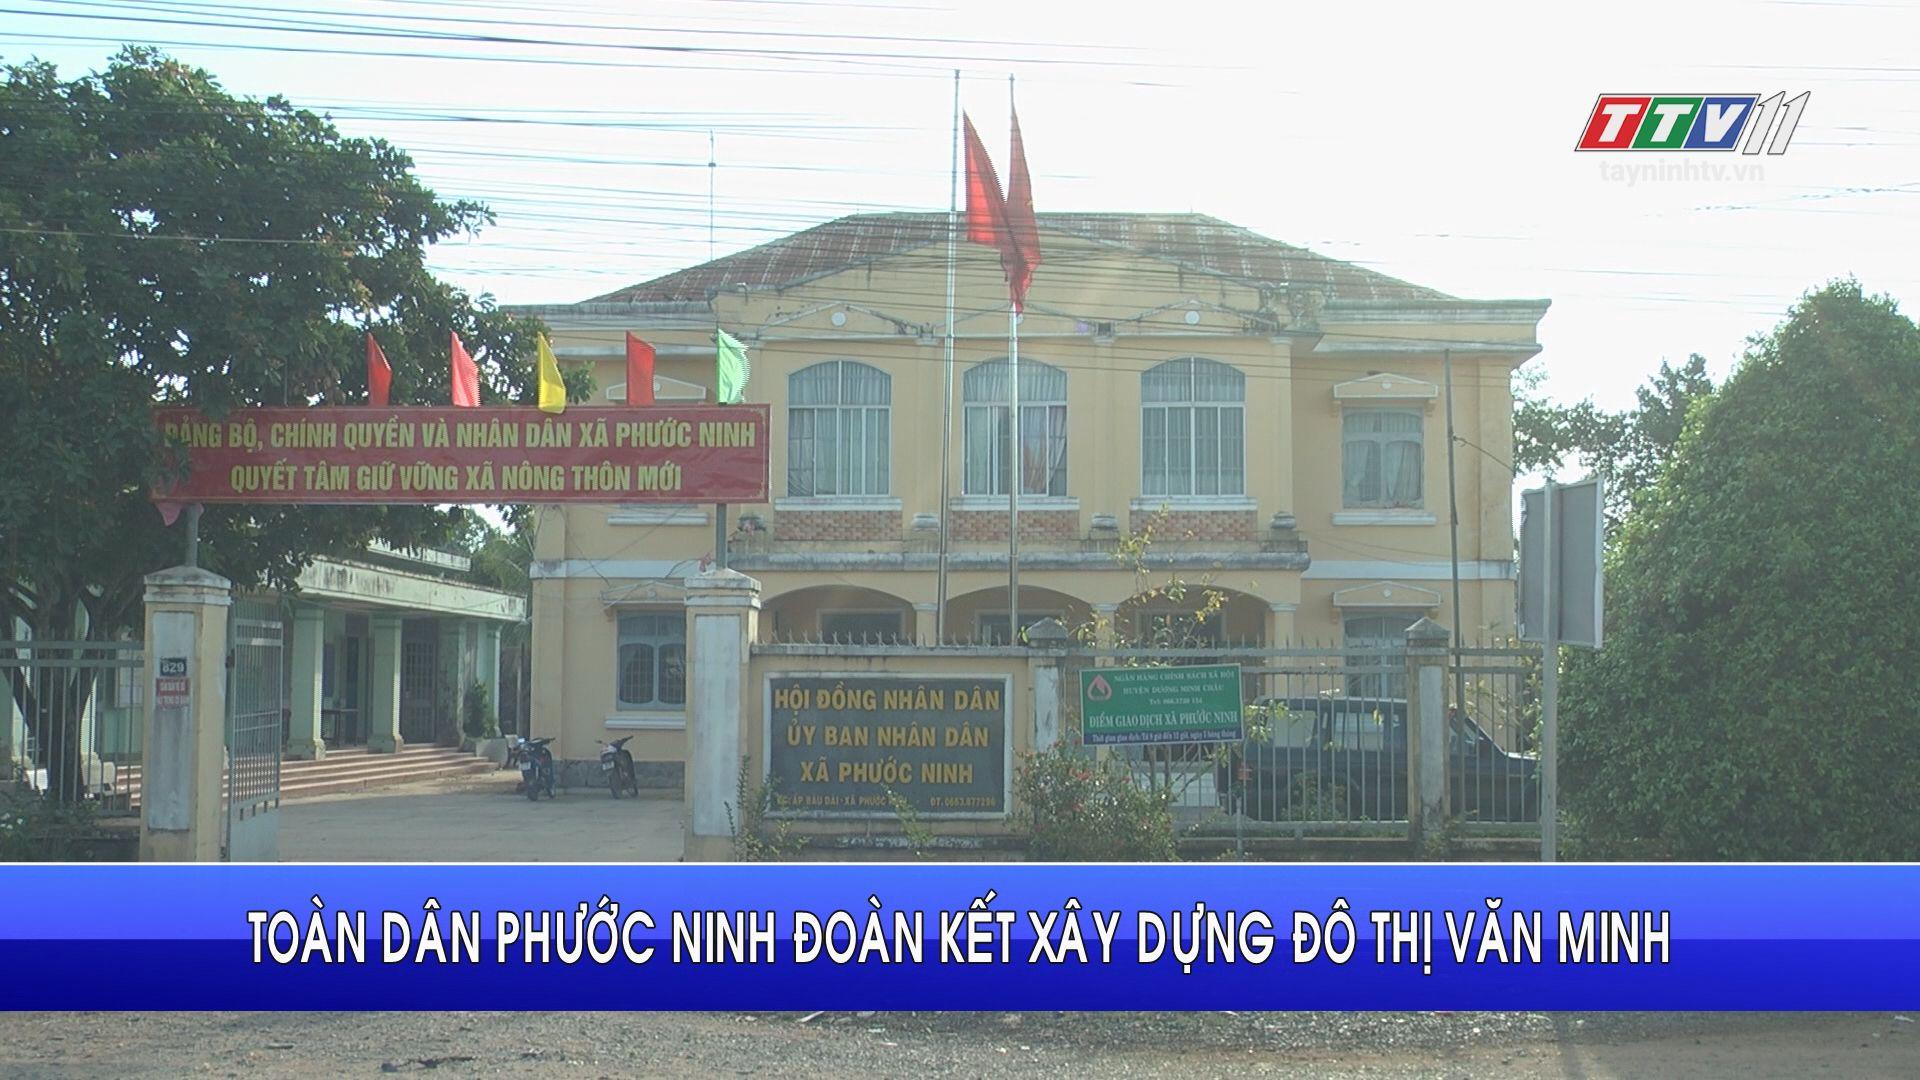 Toàn dân Phước Ninh đoàn kết xây dựng đô thị văn minh | NÔNG NGHIỆP TÂY NINH | TayNinhTV